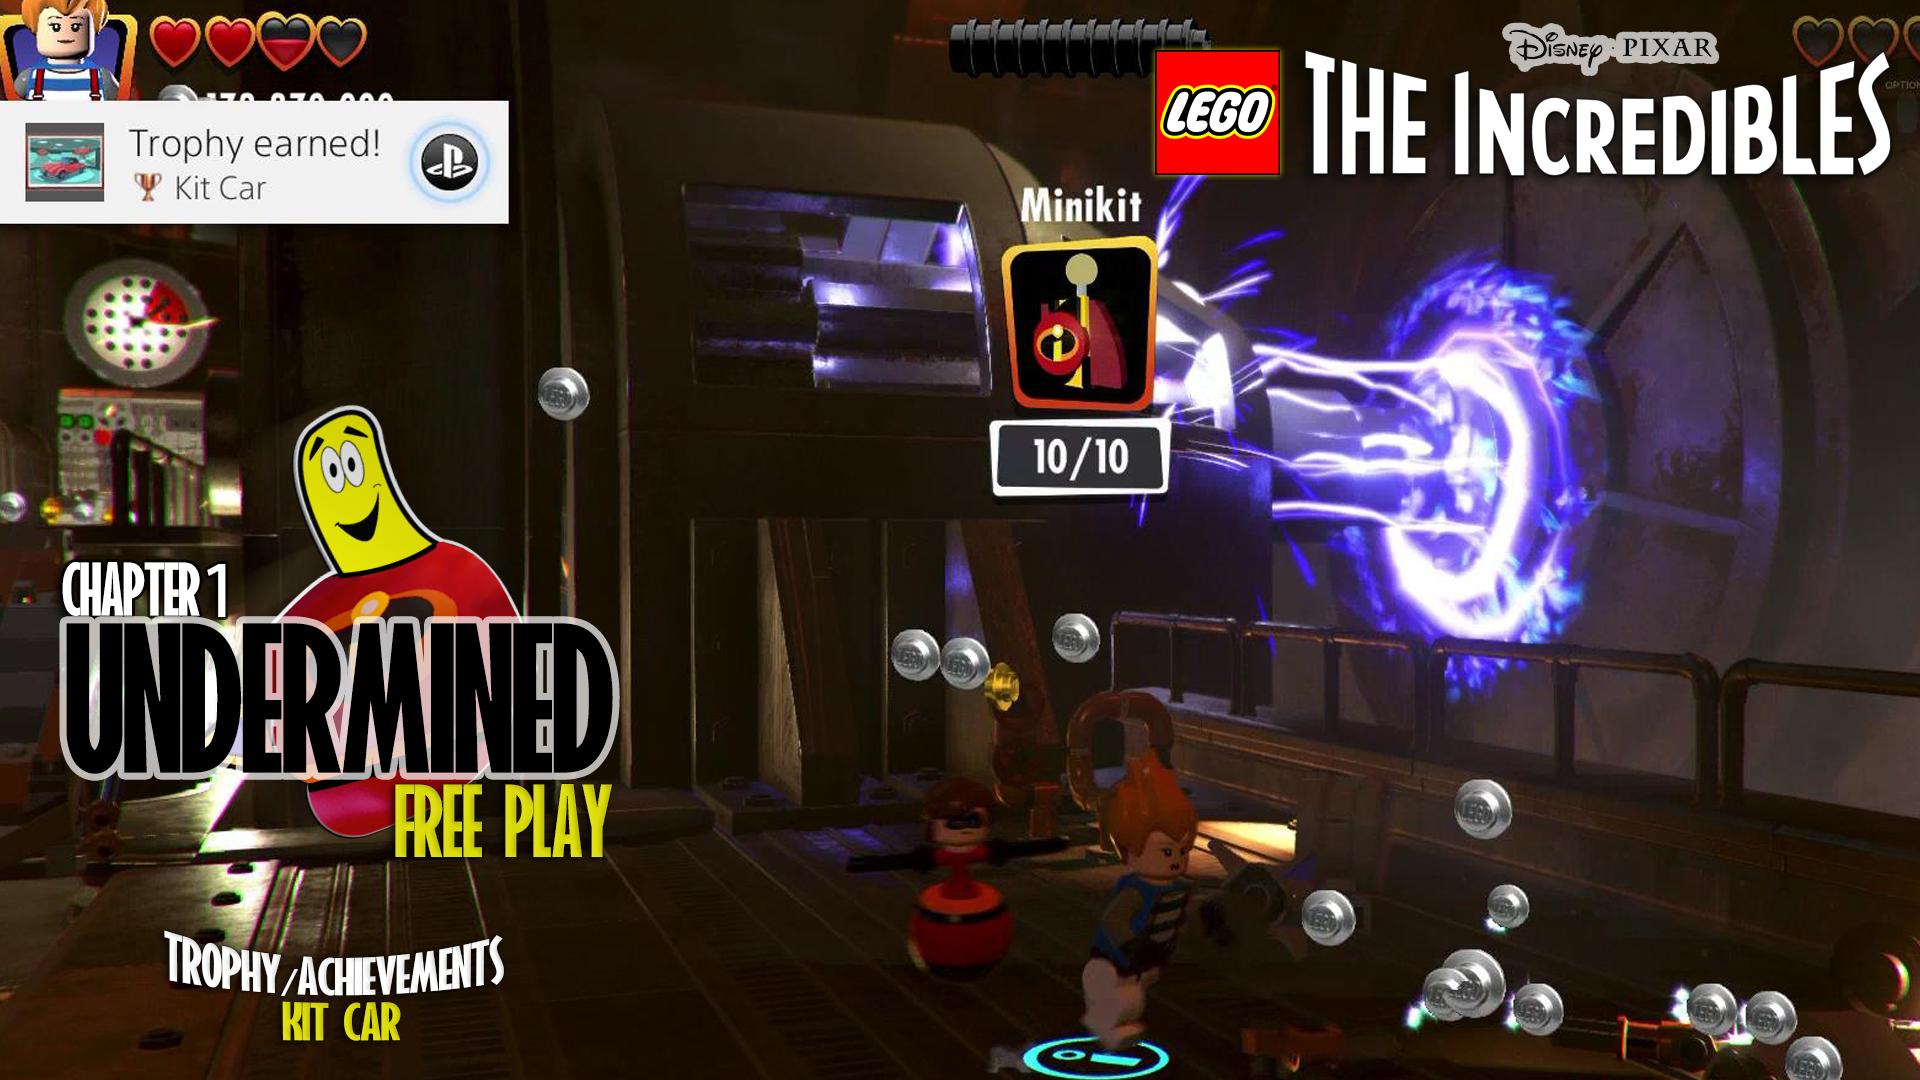 LegoIncredChapter1FREEPLAYThumb